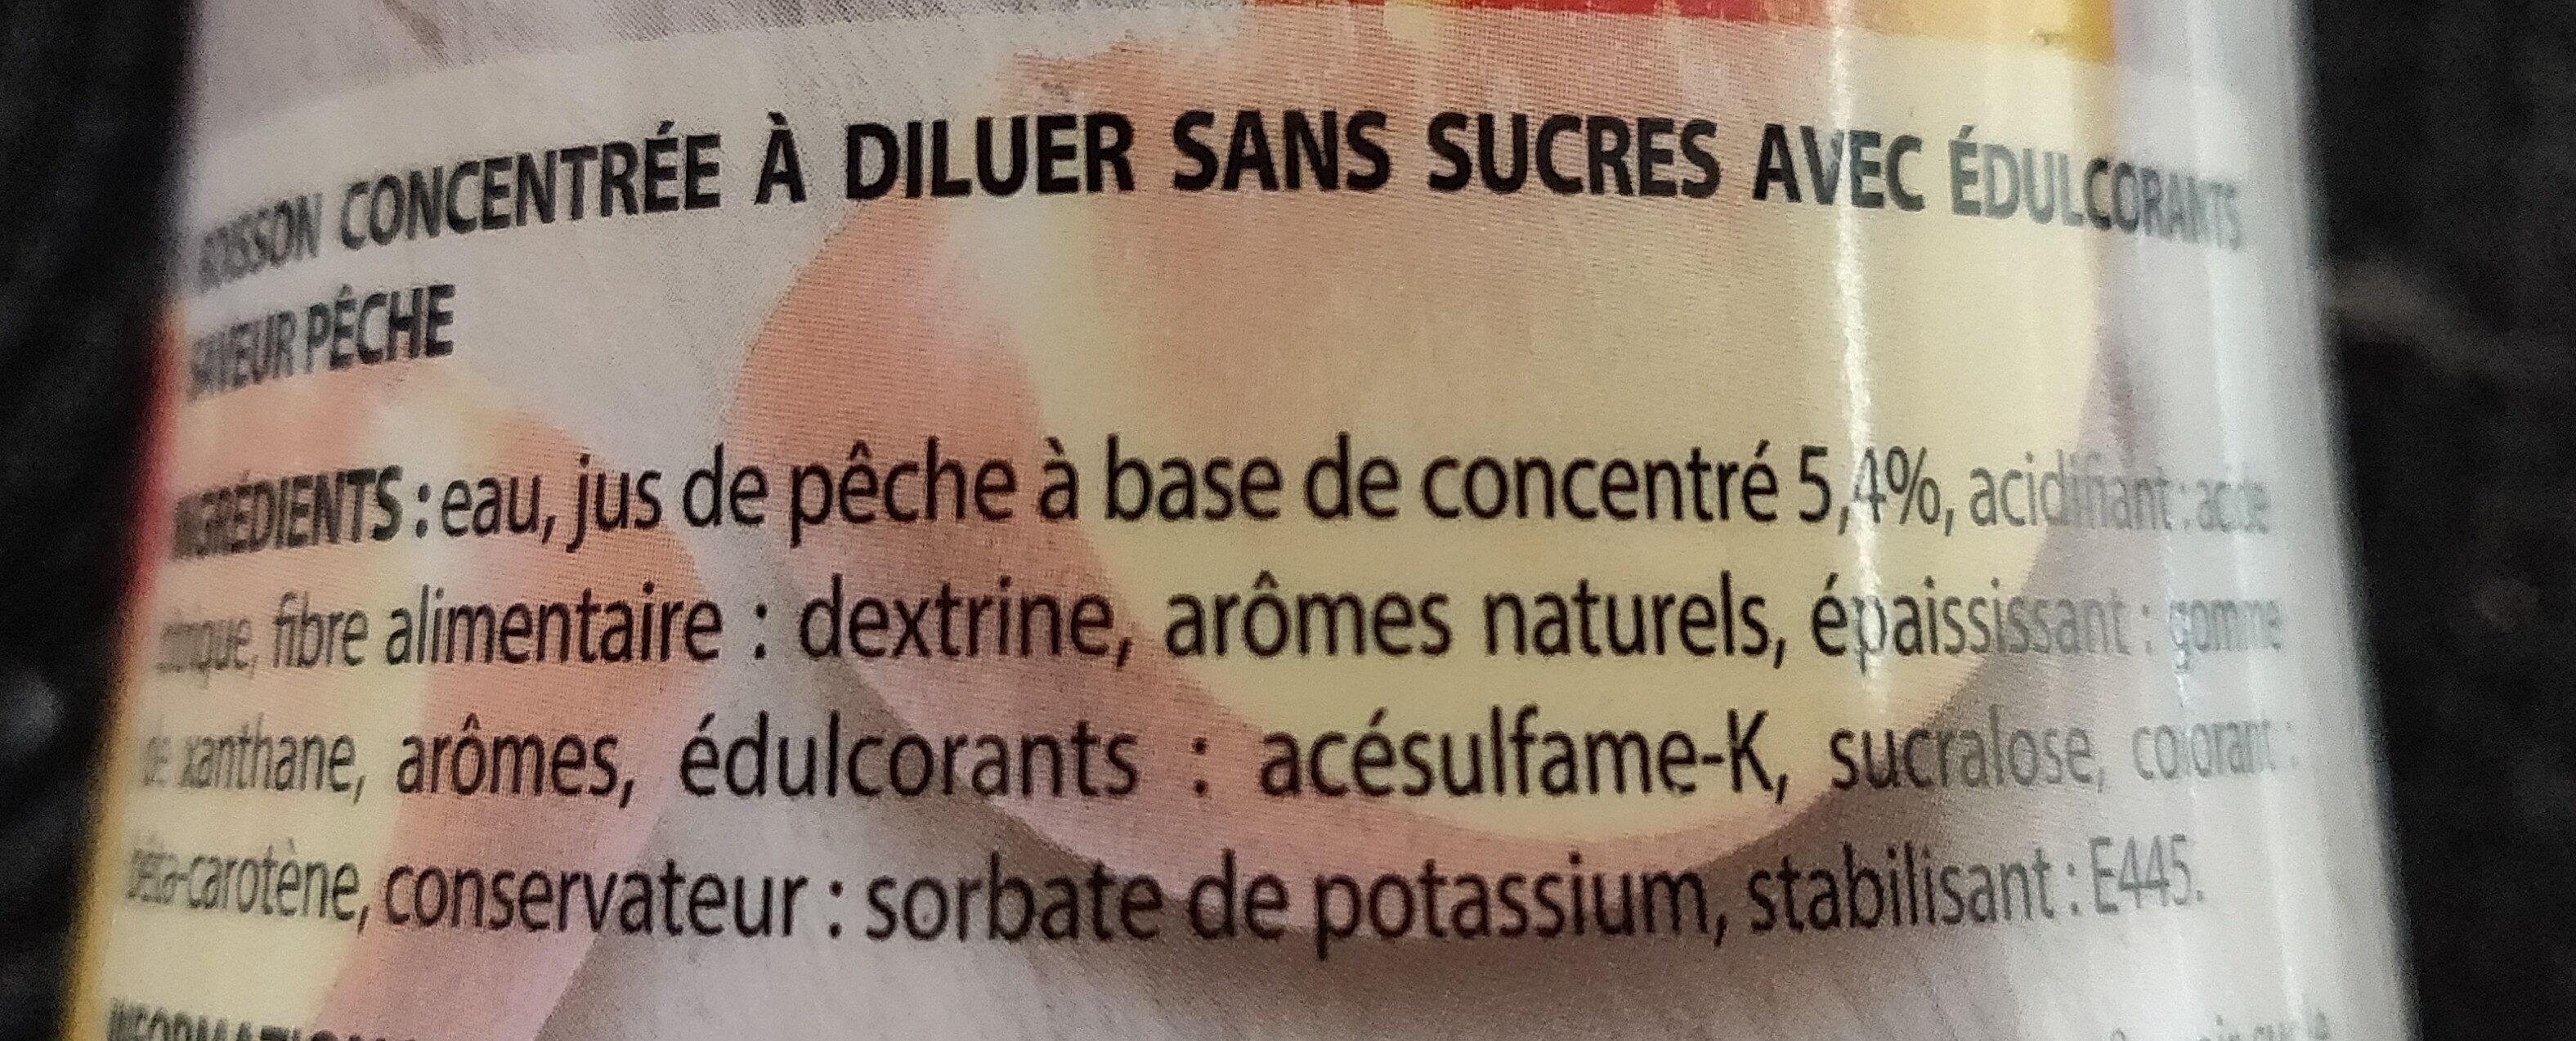 Boisson zéro sucres saveur pêche - Ingrediënten - fr